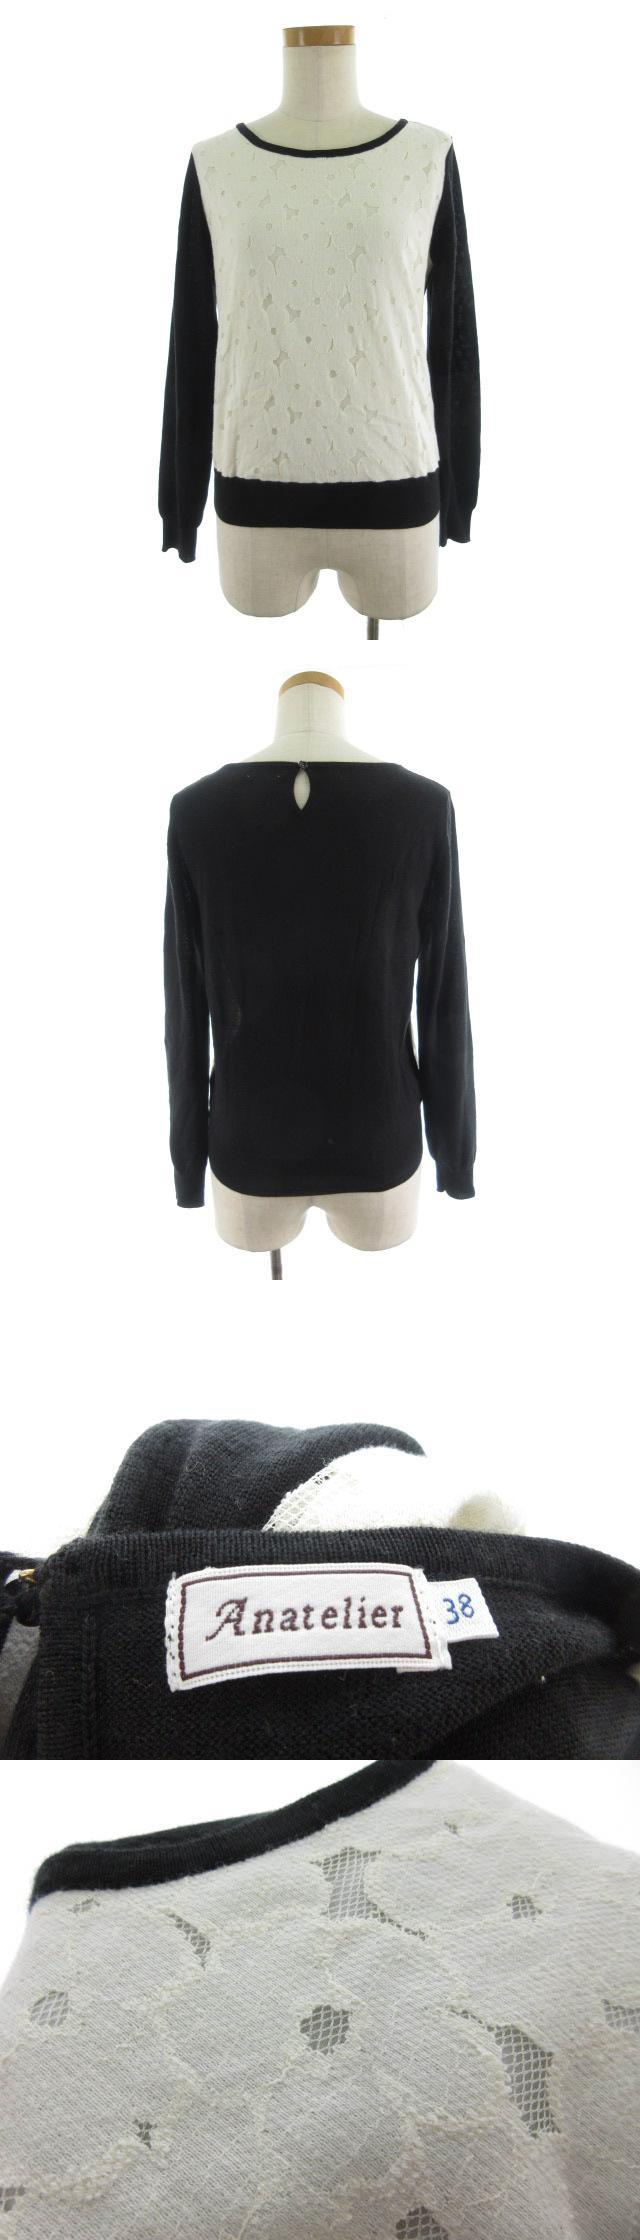 長袖 ニット カットソー 花柄 フラワー 刺繍 レース 黒 ブラック 白 ホワイト 袖ウール コットン 38 美品